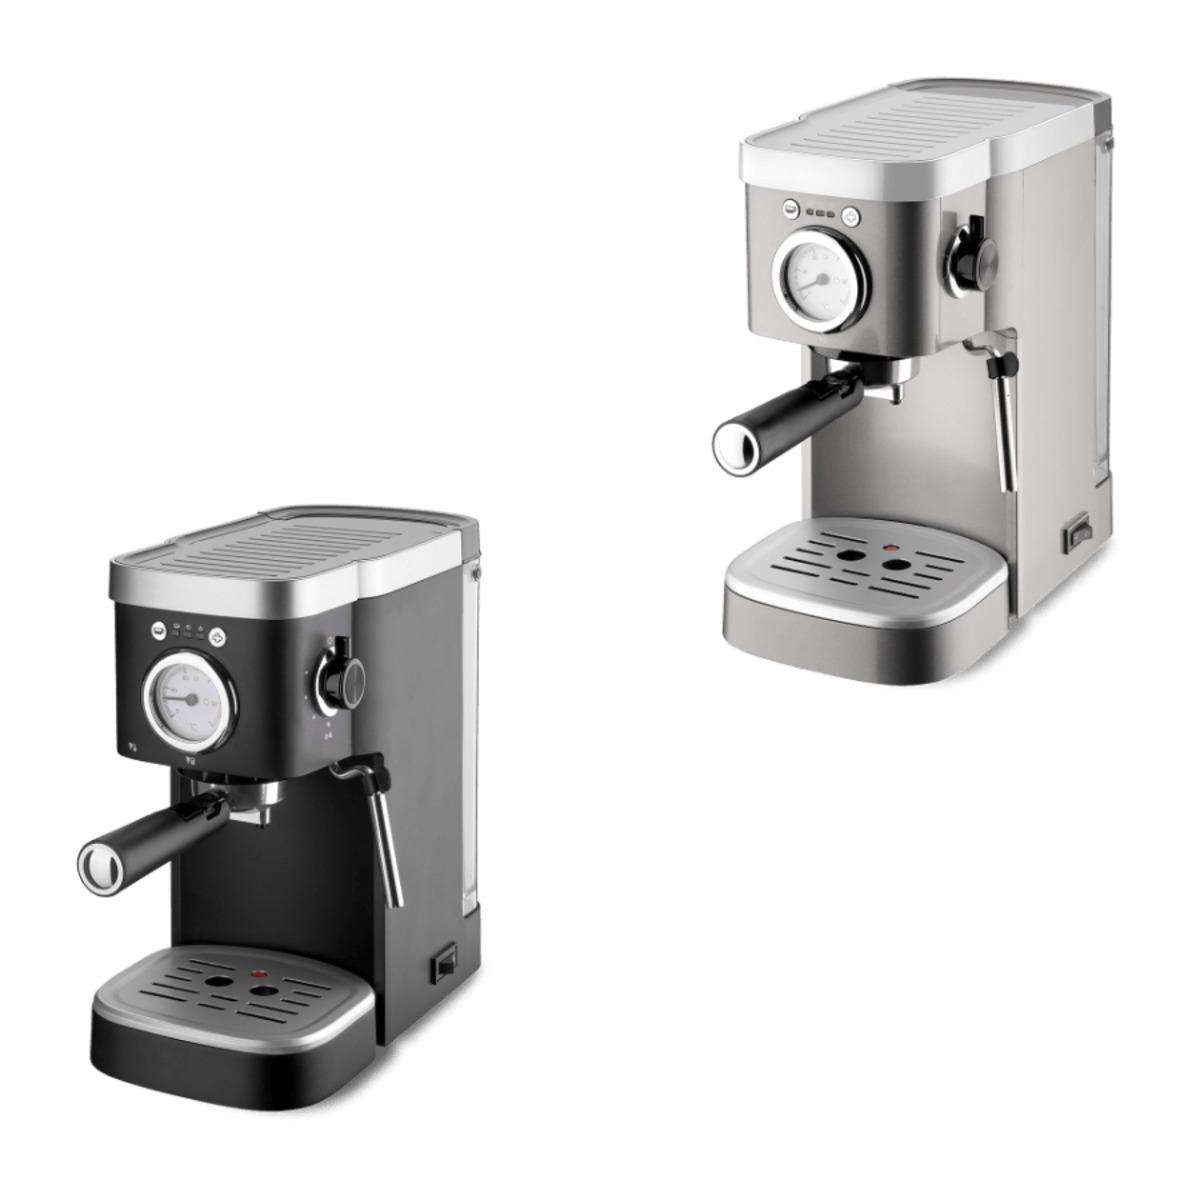 Bild 1 von AMBIANO     Espressomaschine GT-EM-02